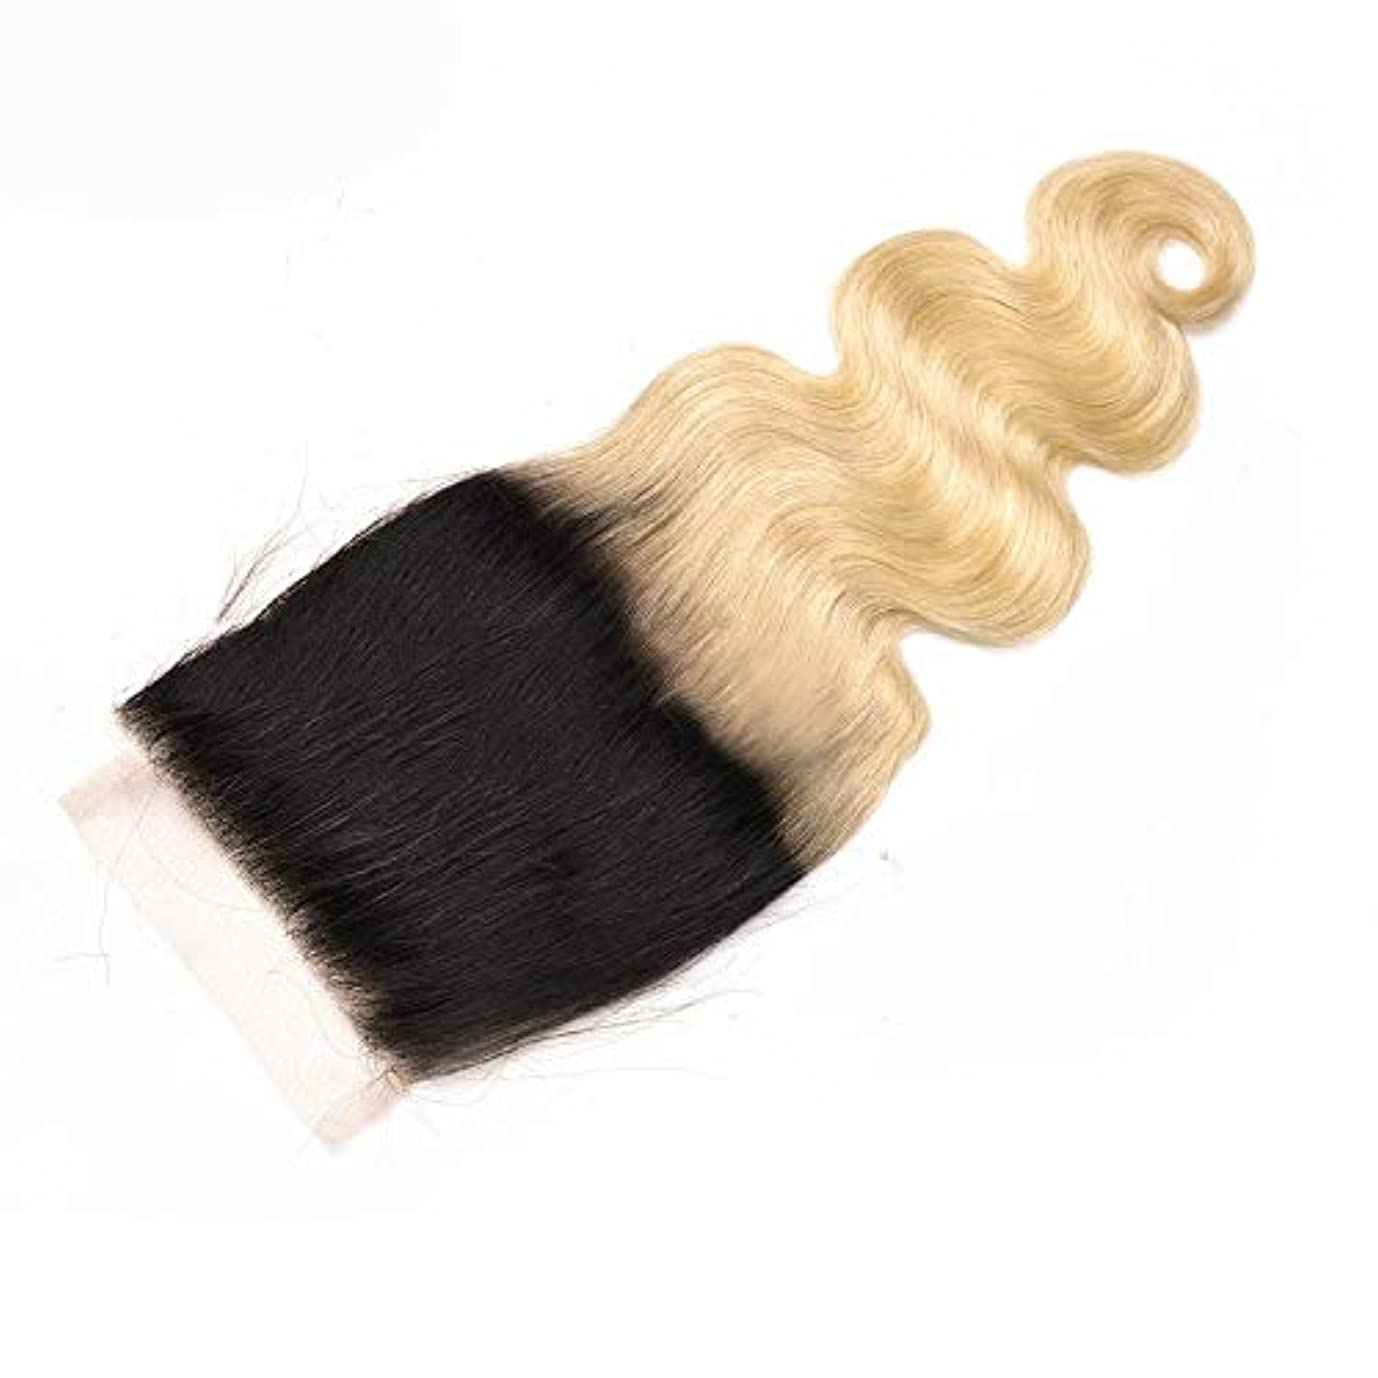 飛び込むトムオードリース思春期のWASAIO T1bの/ 613#ブラックにブロンド2トーン色 - ホワイト女性のボディウェーブレースフロンタル閉鎖のためのウィッグ (色 : Blonde, サイズ : 14 inch)